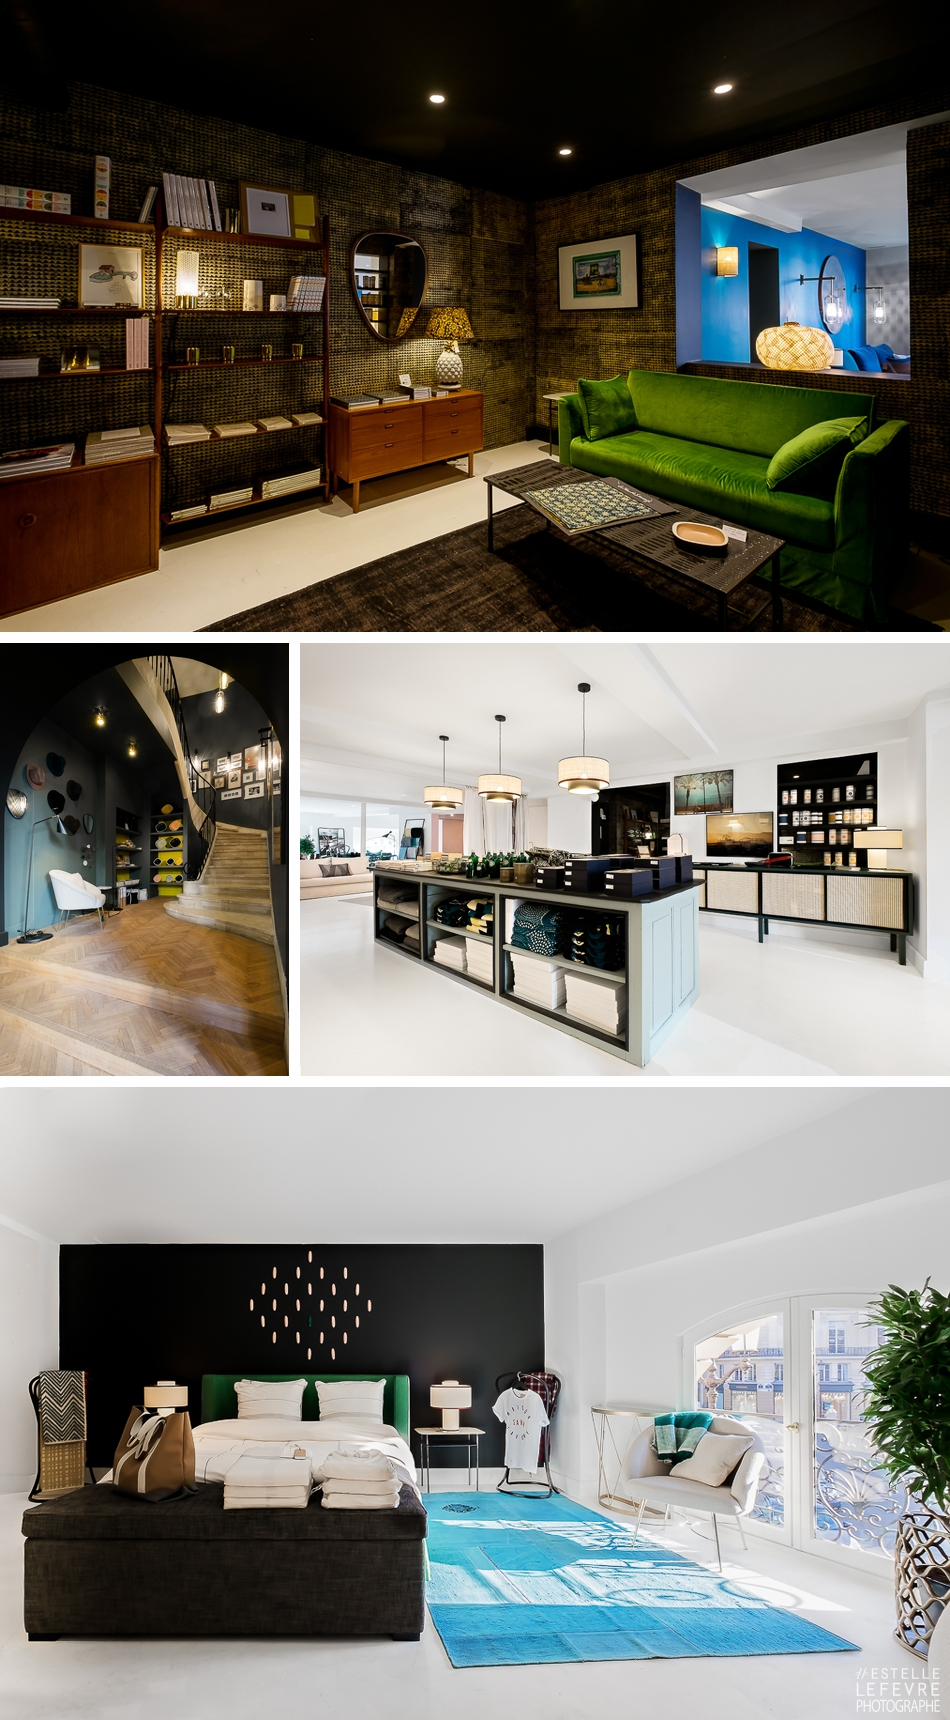 concept store maison sarah lavoine. Black Bedroom Furniture Sets. Home Design Ideas